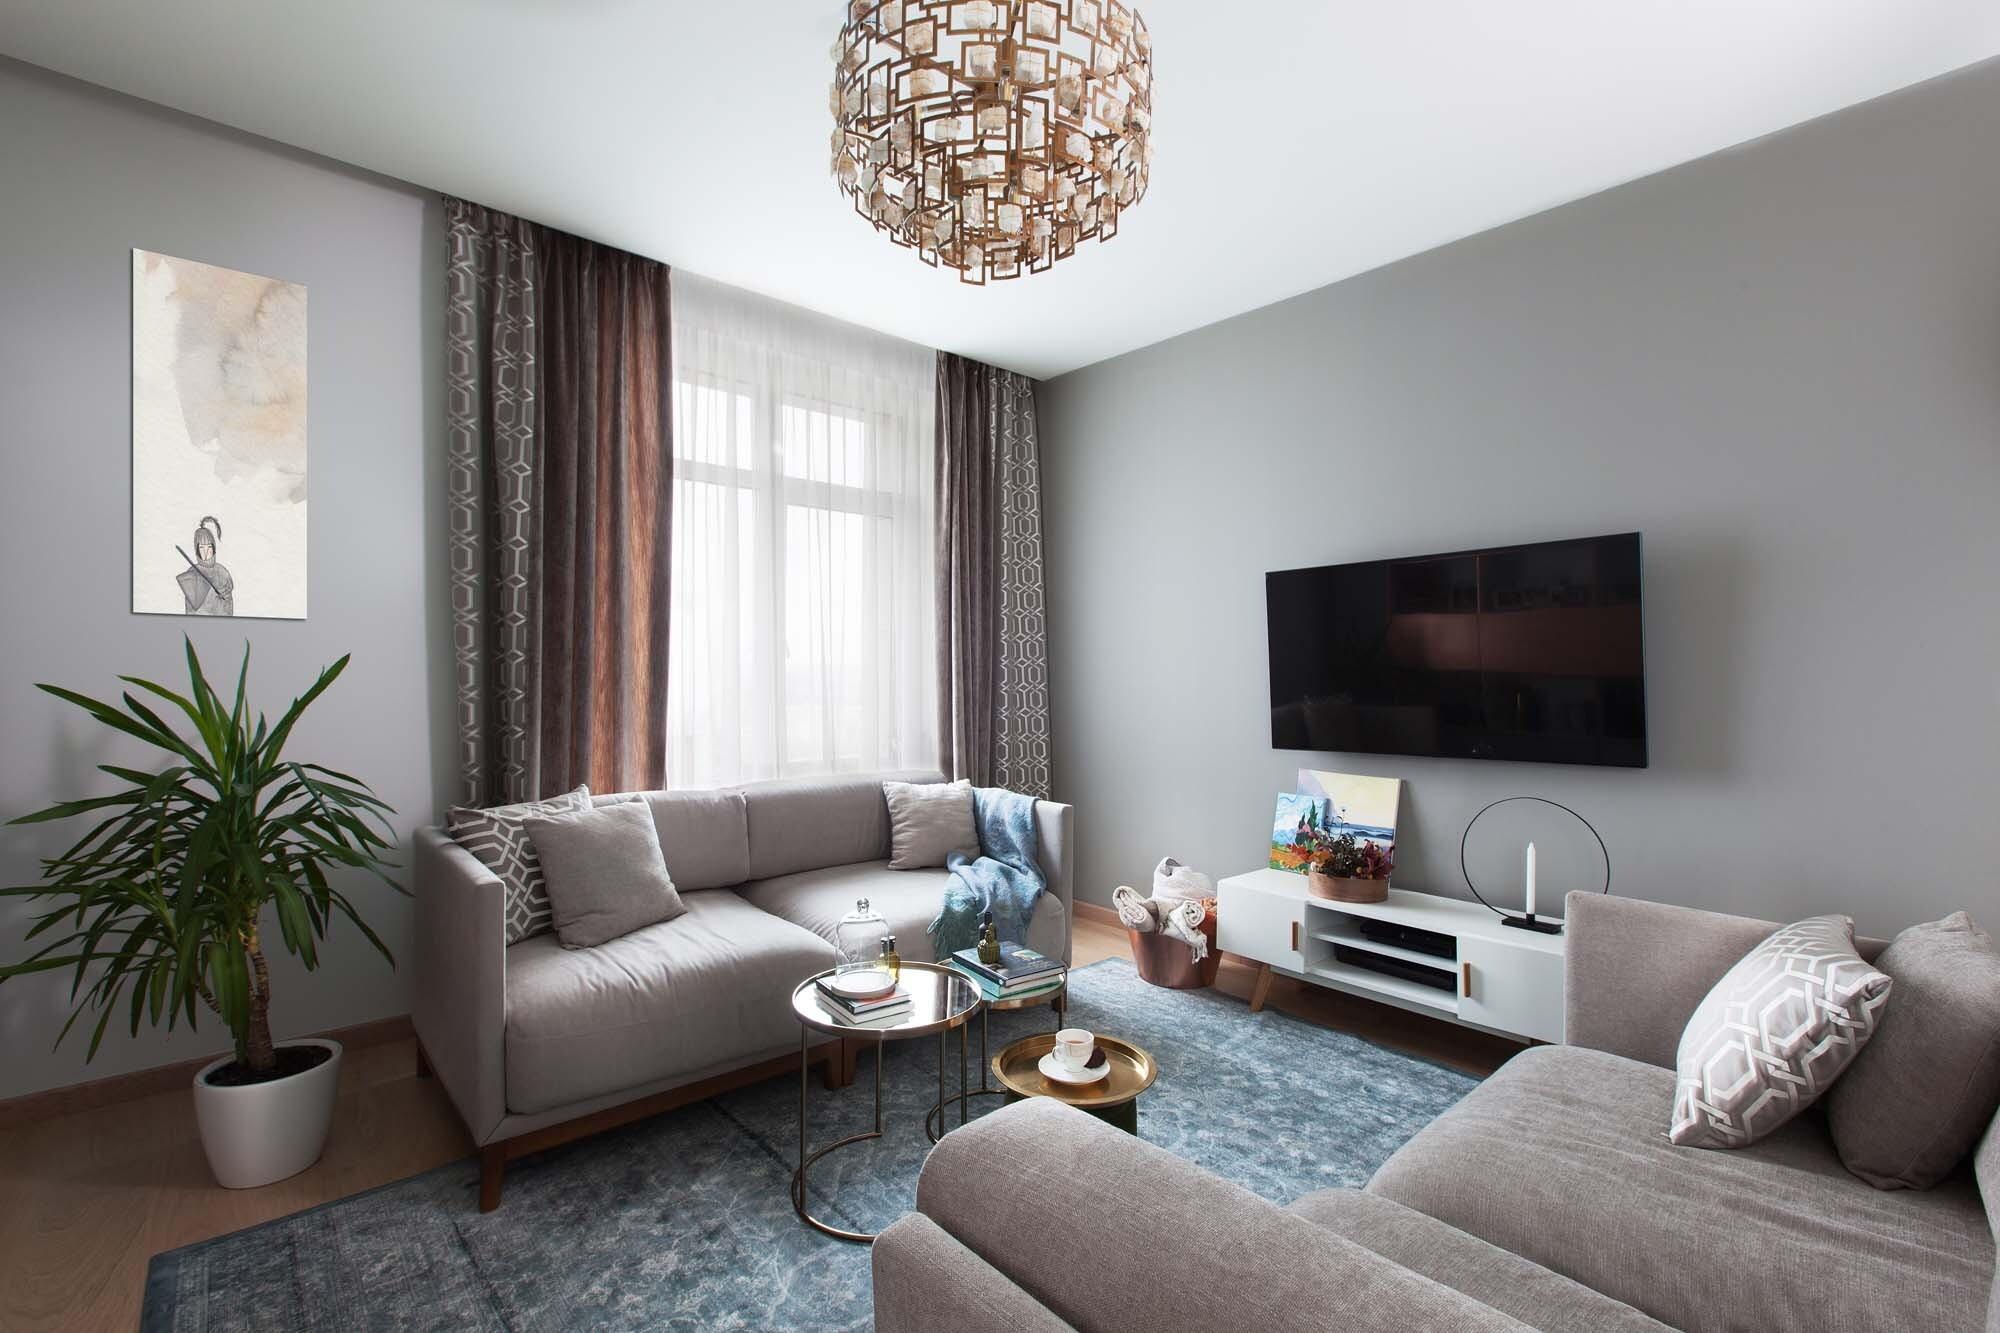 Квартира для многодетной семьи: модный, уютный и функциональный интерьер